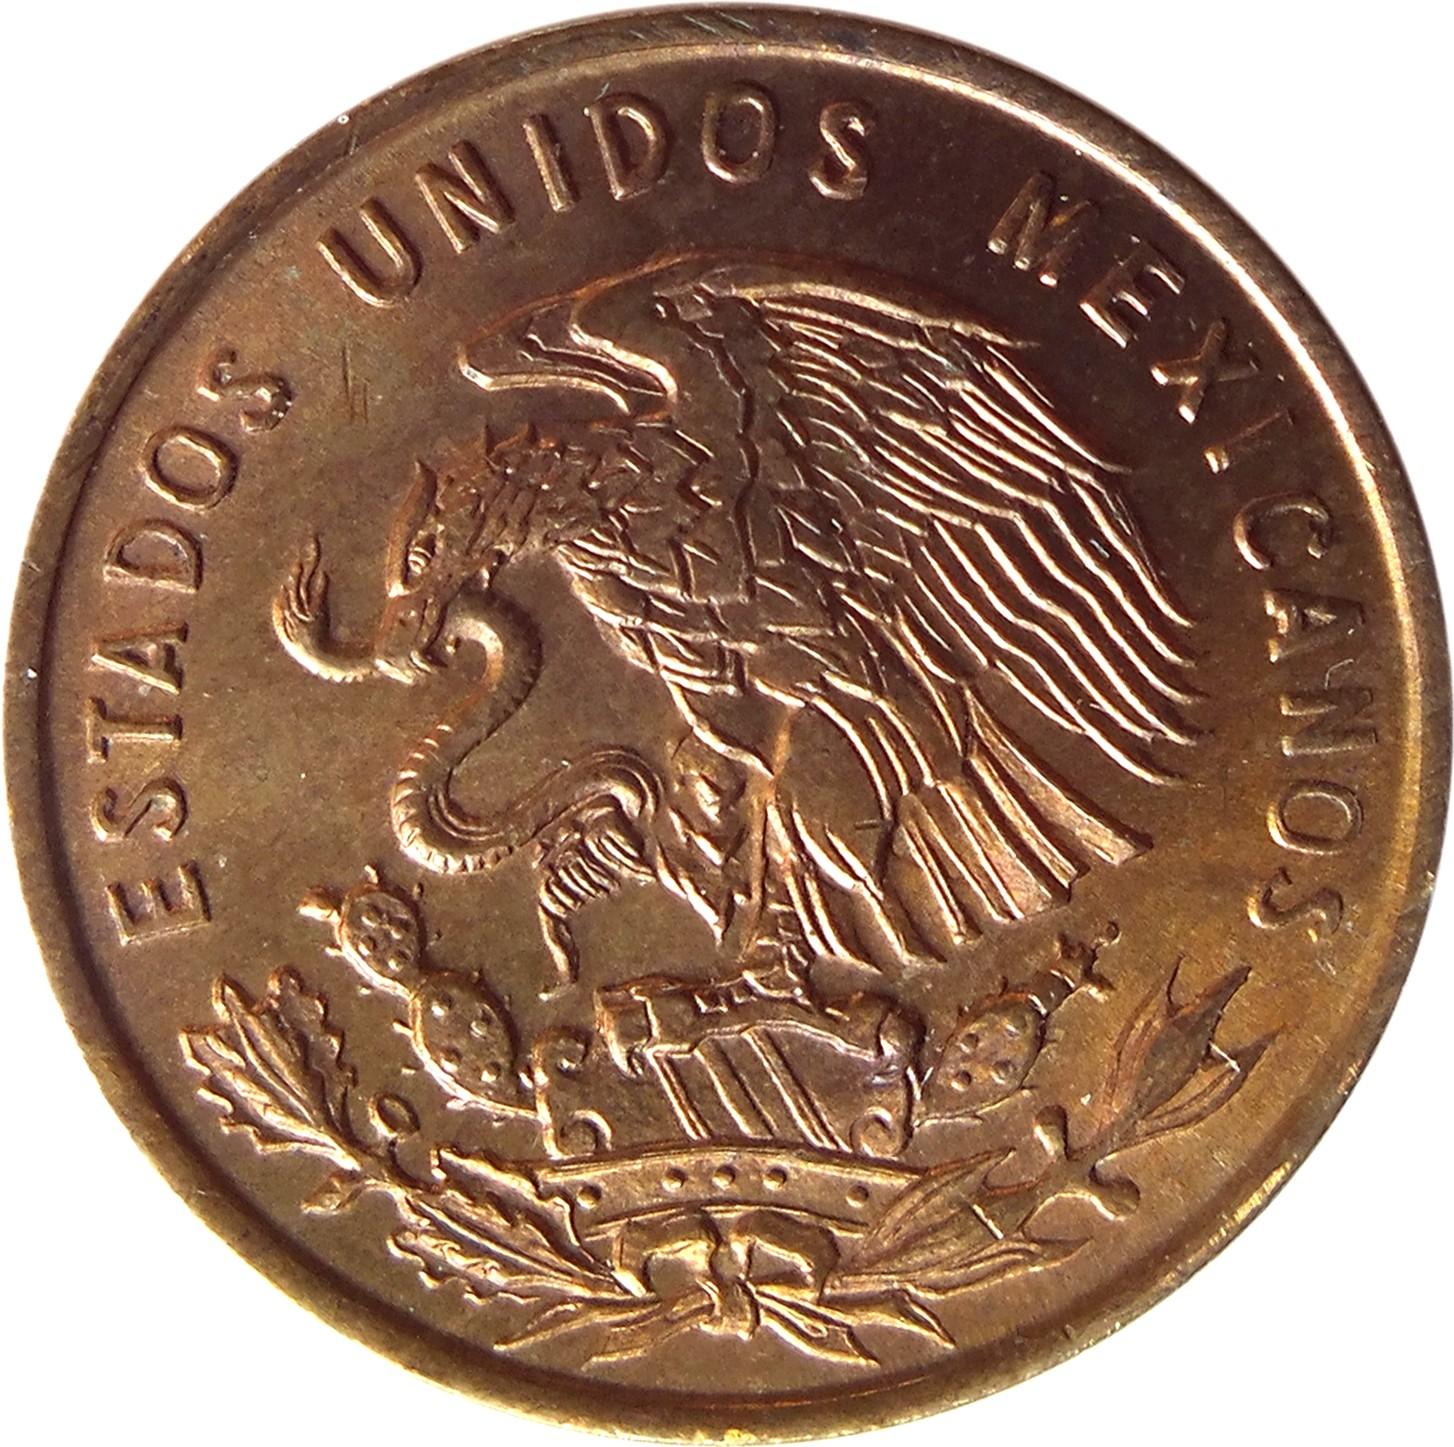 Mexico 1 Centavo Coin KM#417. Unc 1969